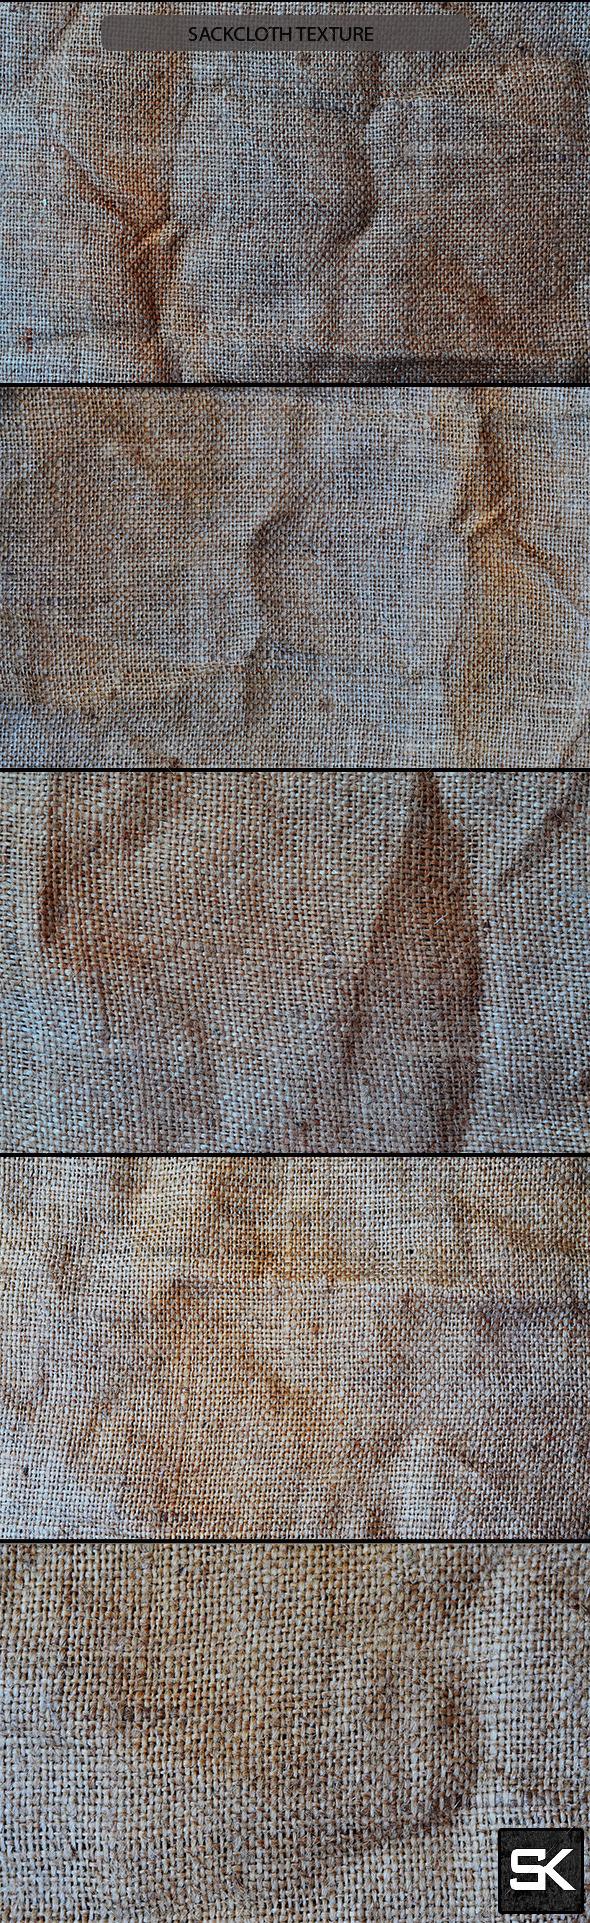 Sackcloth Texture - Fabric Textures